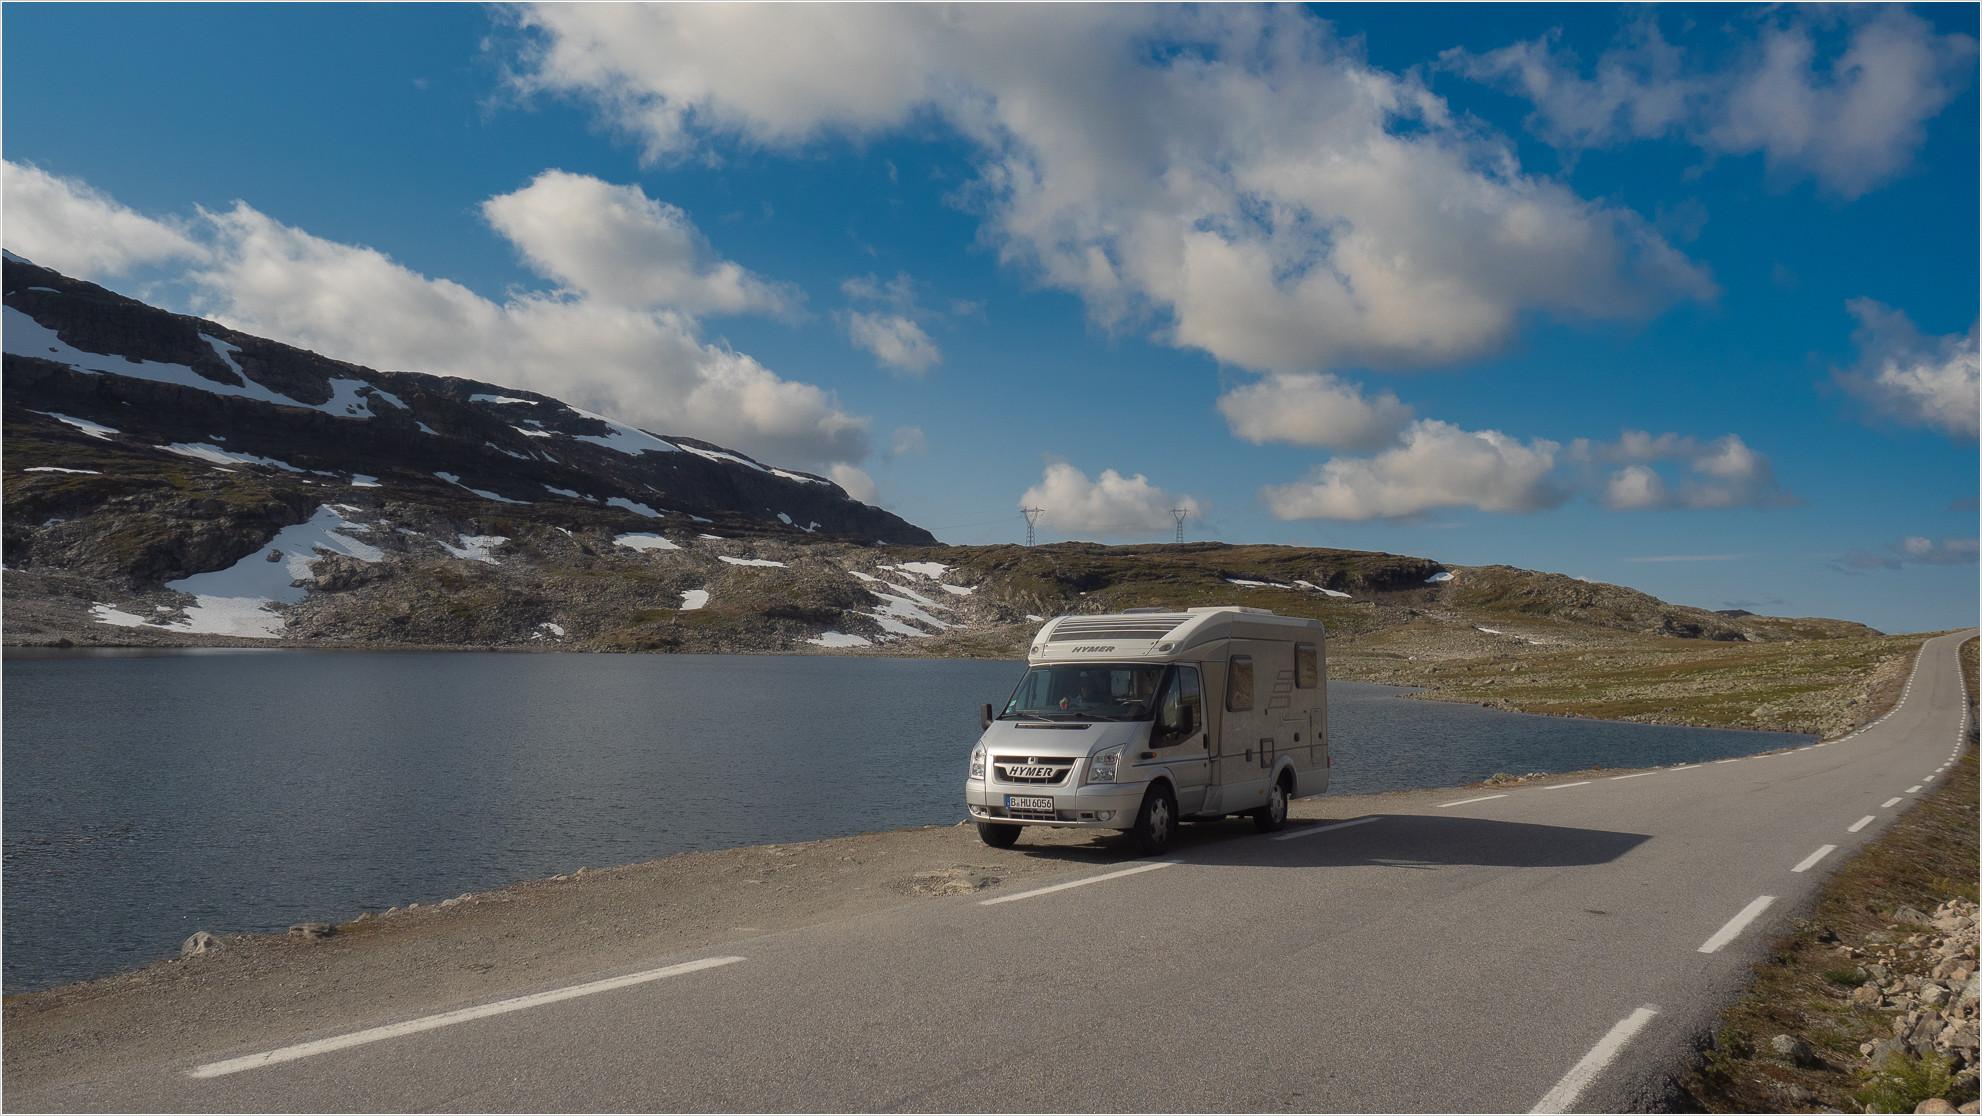 Wohnmobil vor See in Norwegen